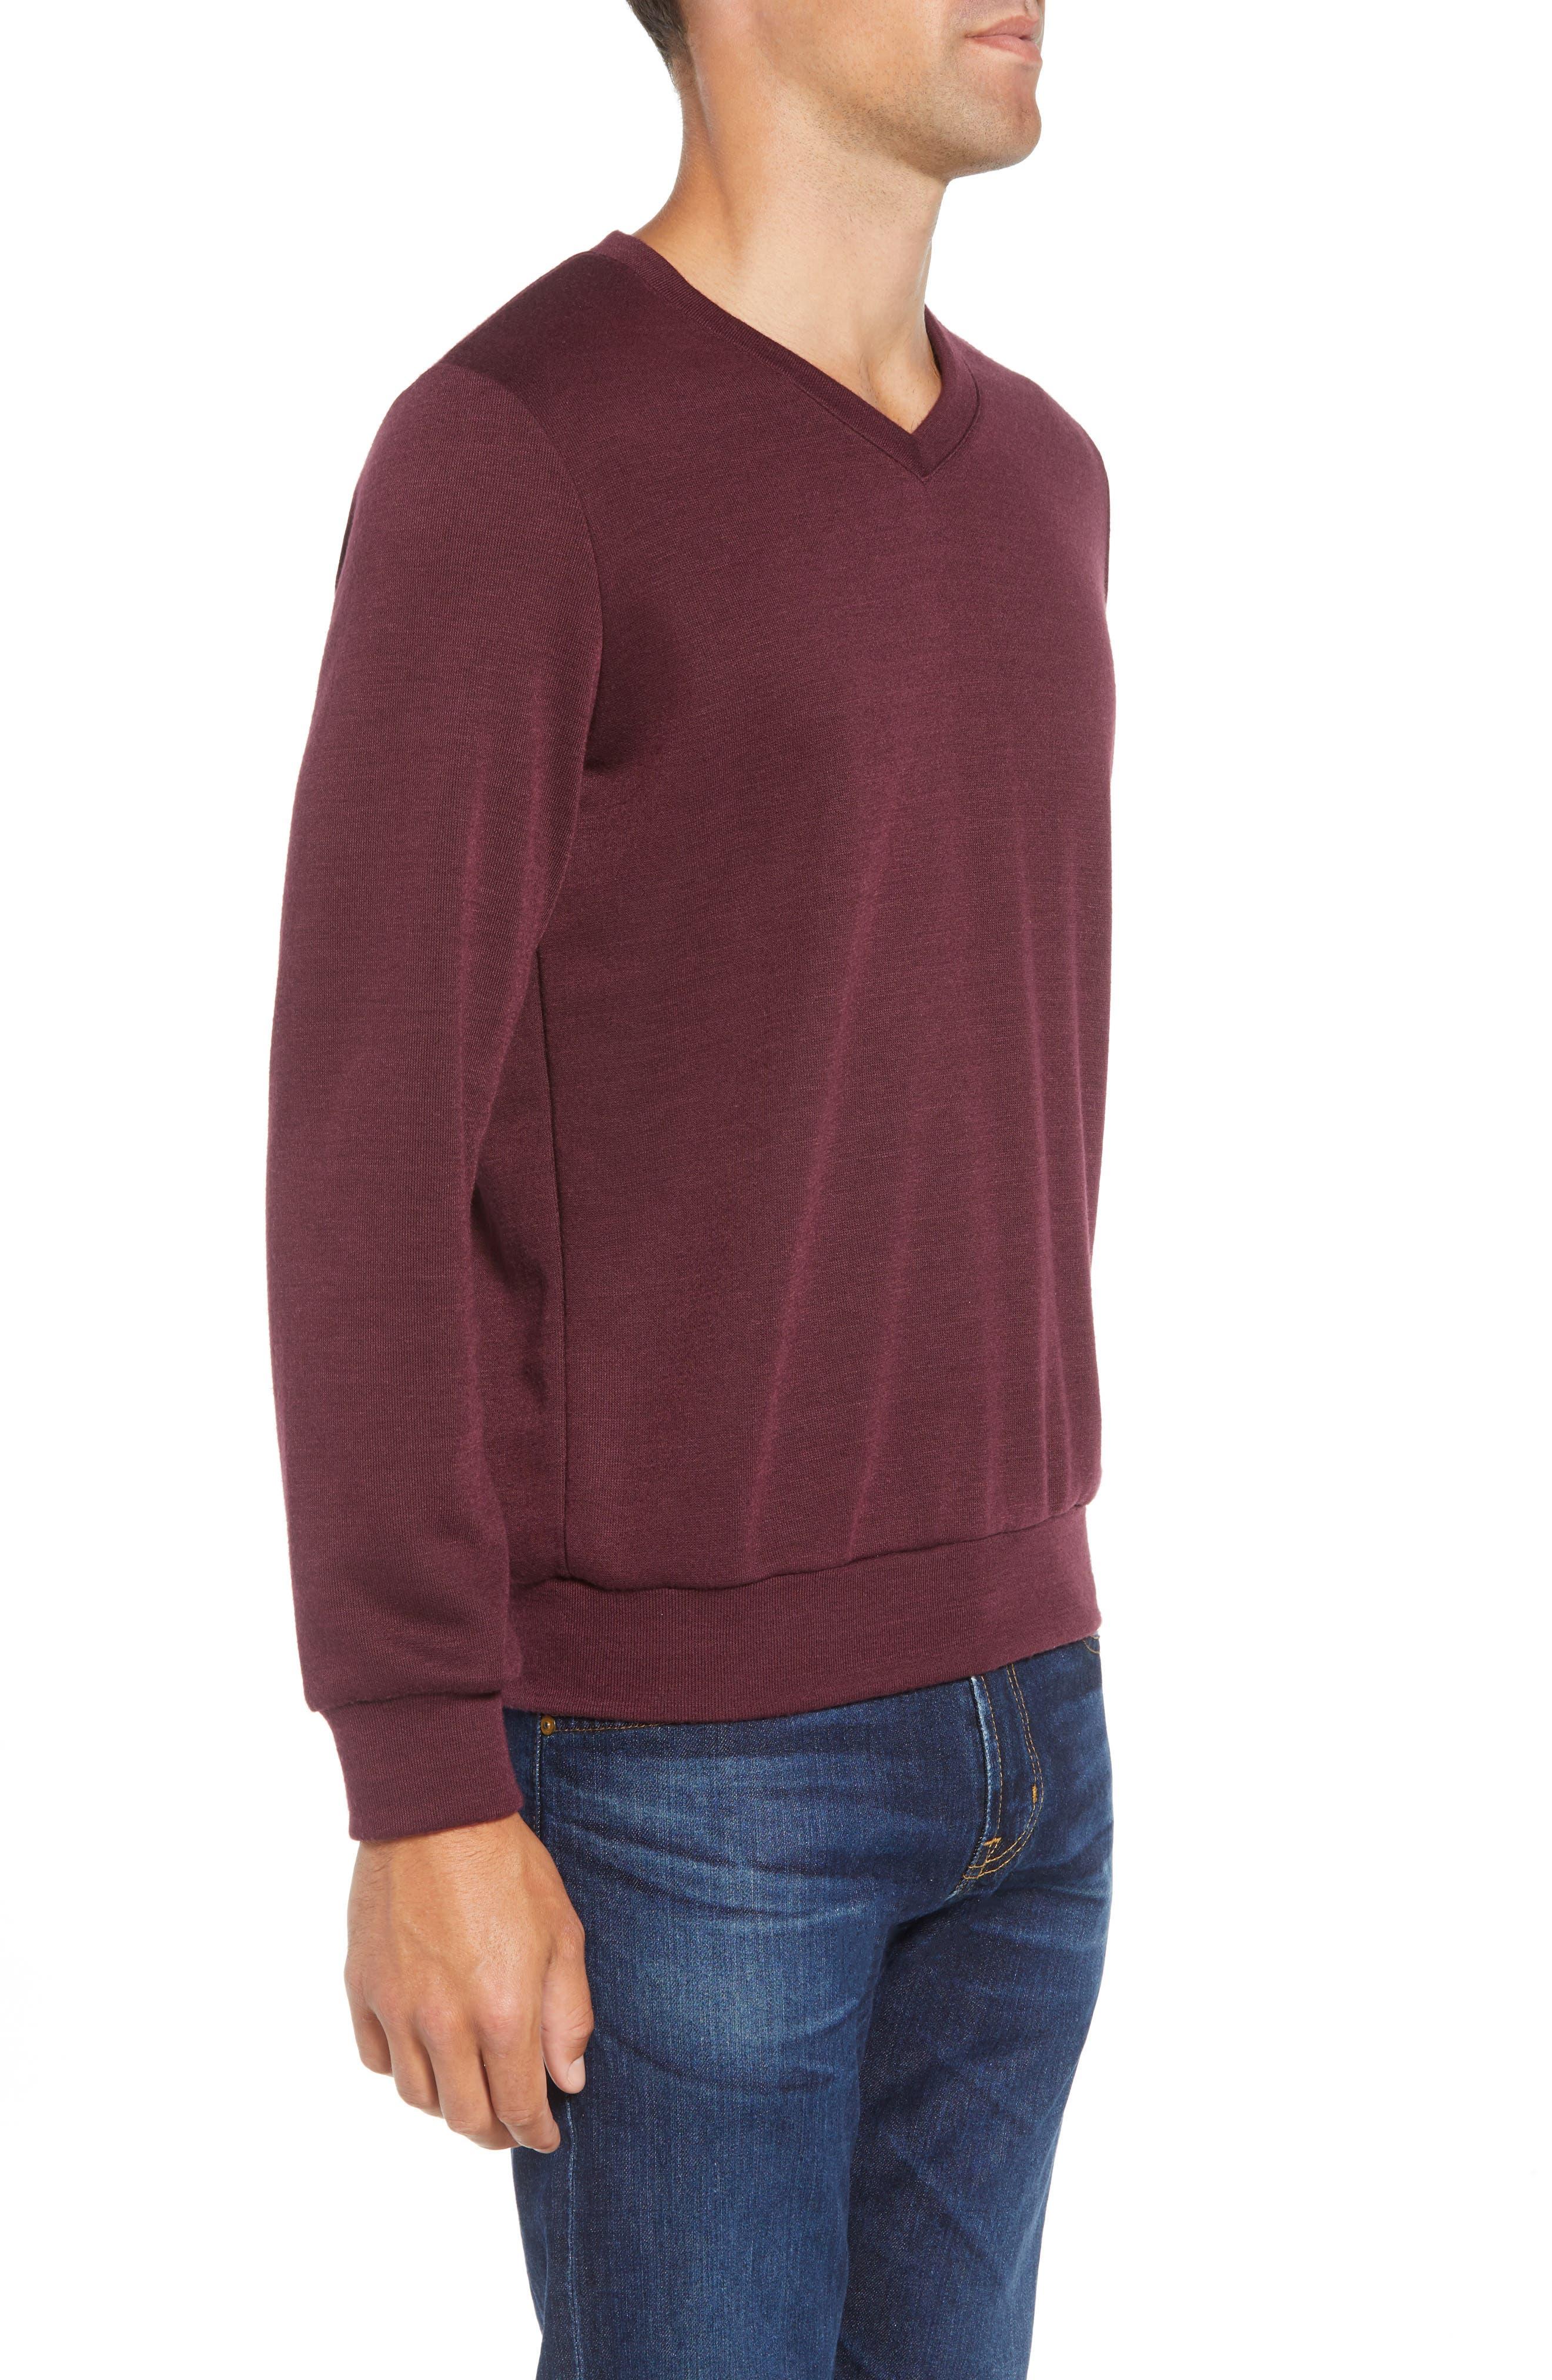 Pomerelle V-Neck Performance Sweater,                             Alternate thumbnail 3, color,                             MERLOT